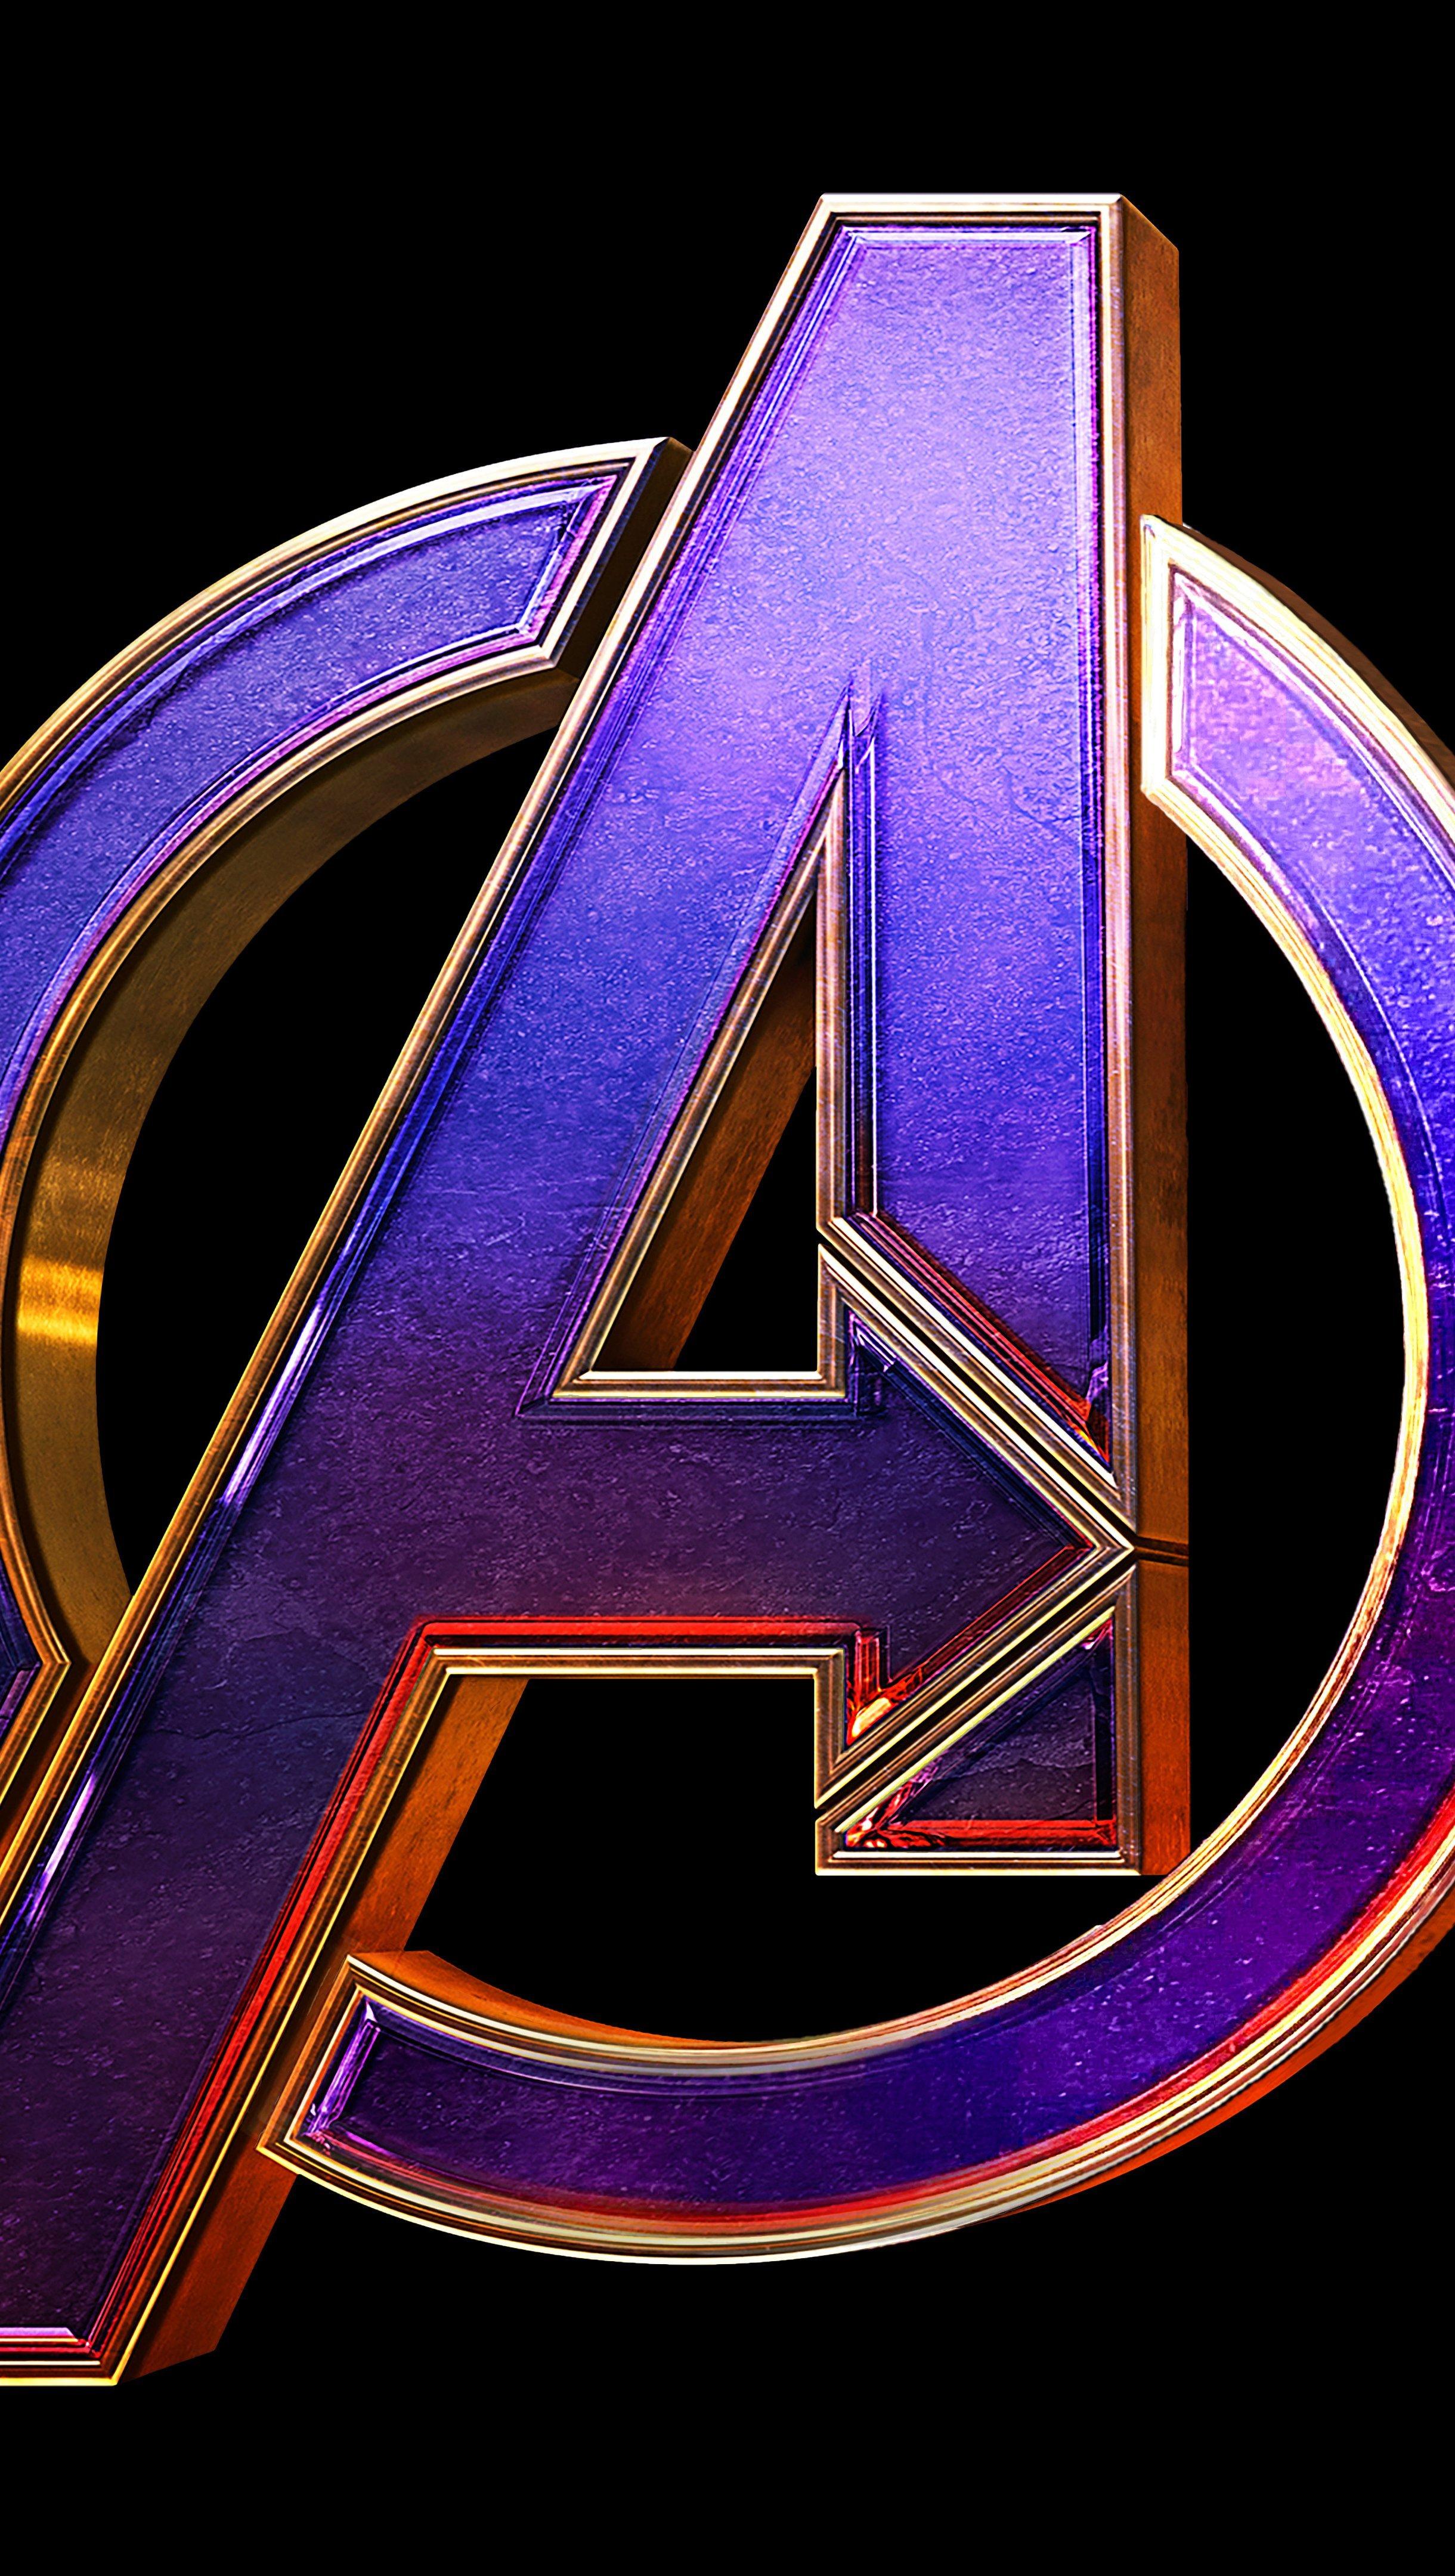 Wallpaper Avengers Endgame Logo Vertical